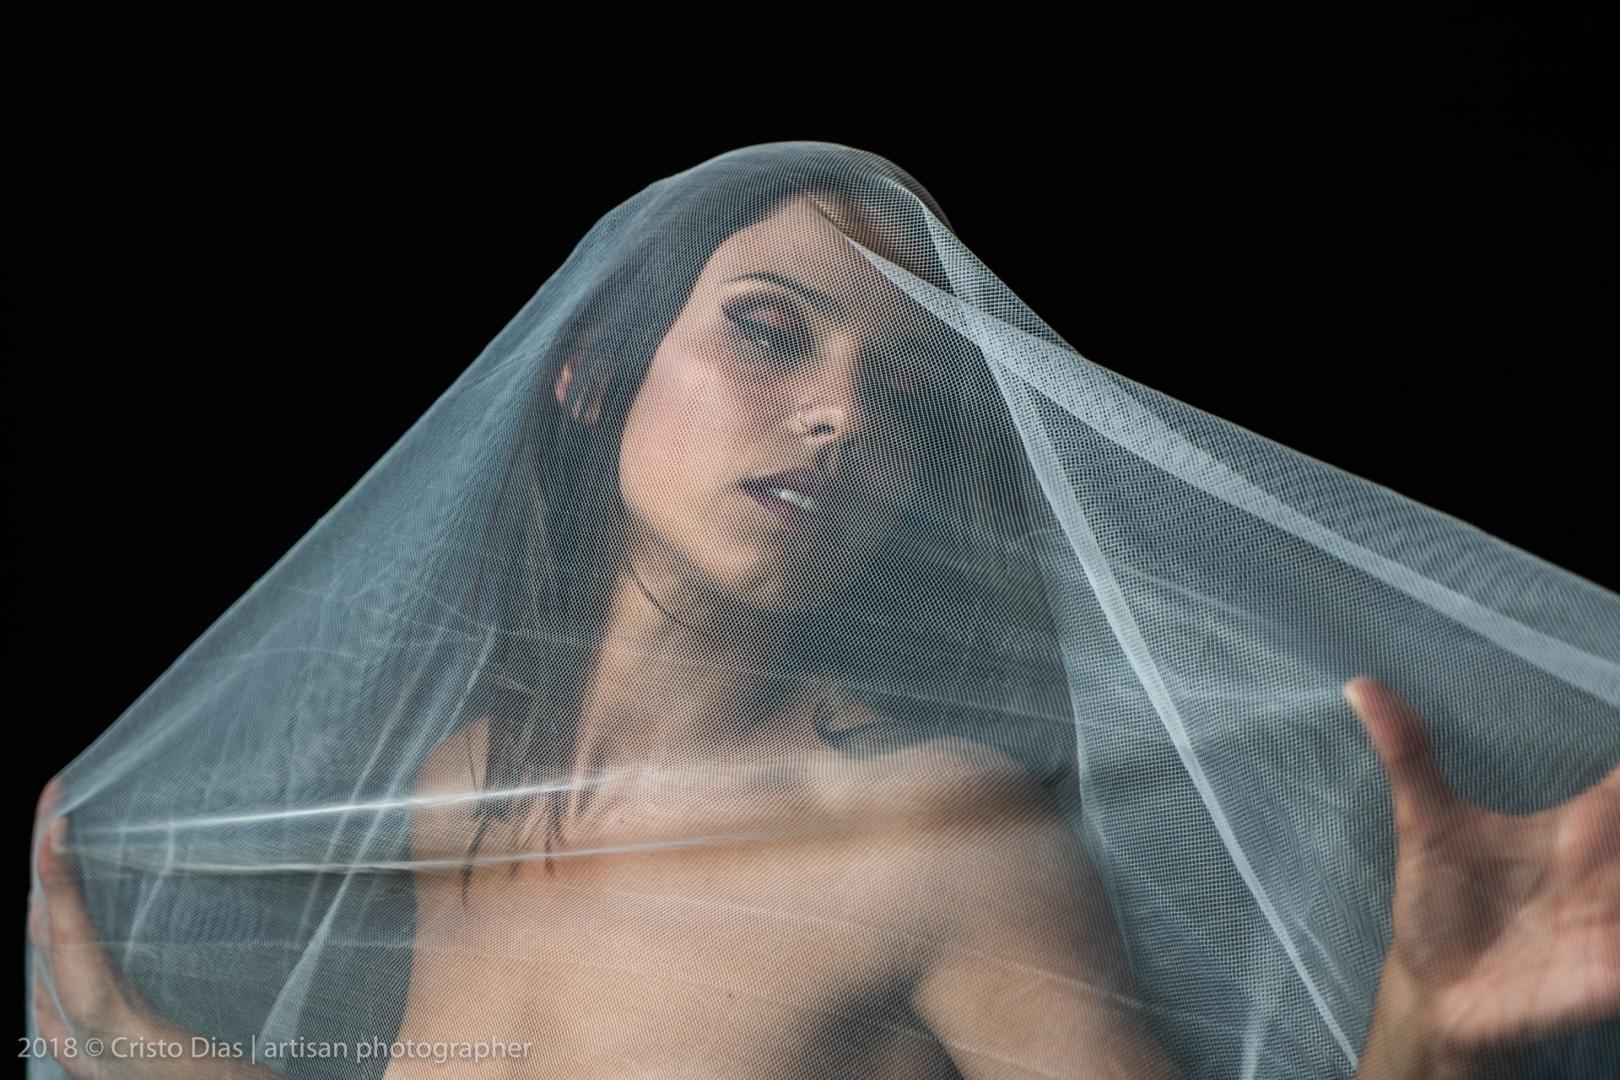 Retratos/Catarina atrás do véu